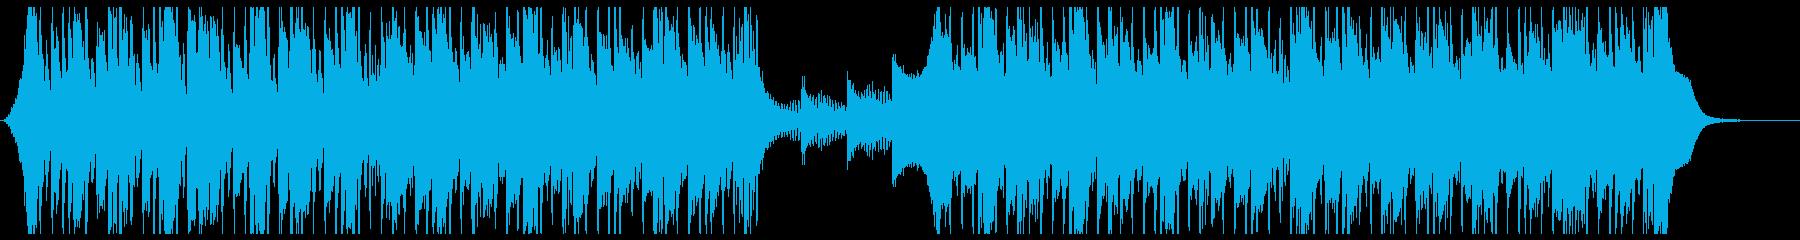 洋楽、クール、CM、カッコイイの再生済みの波形